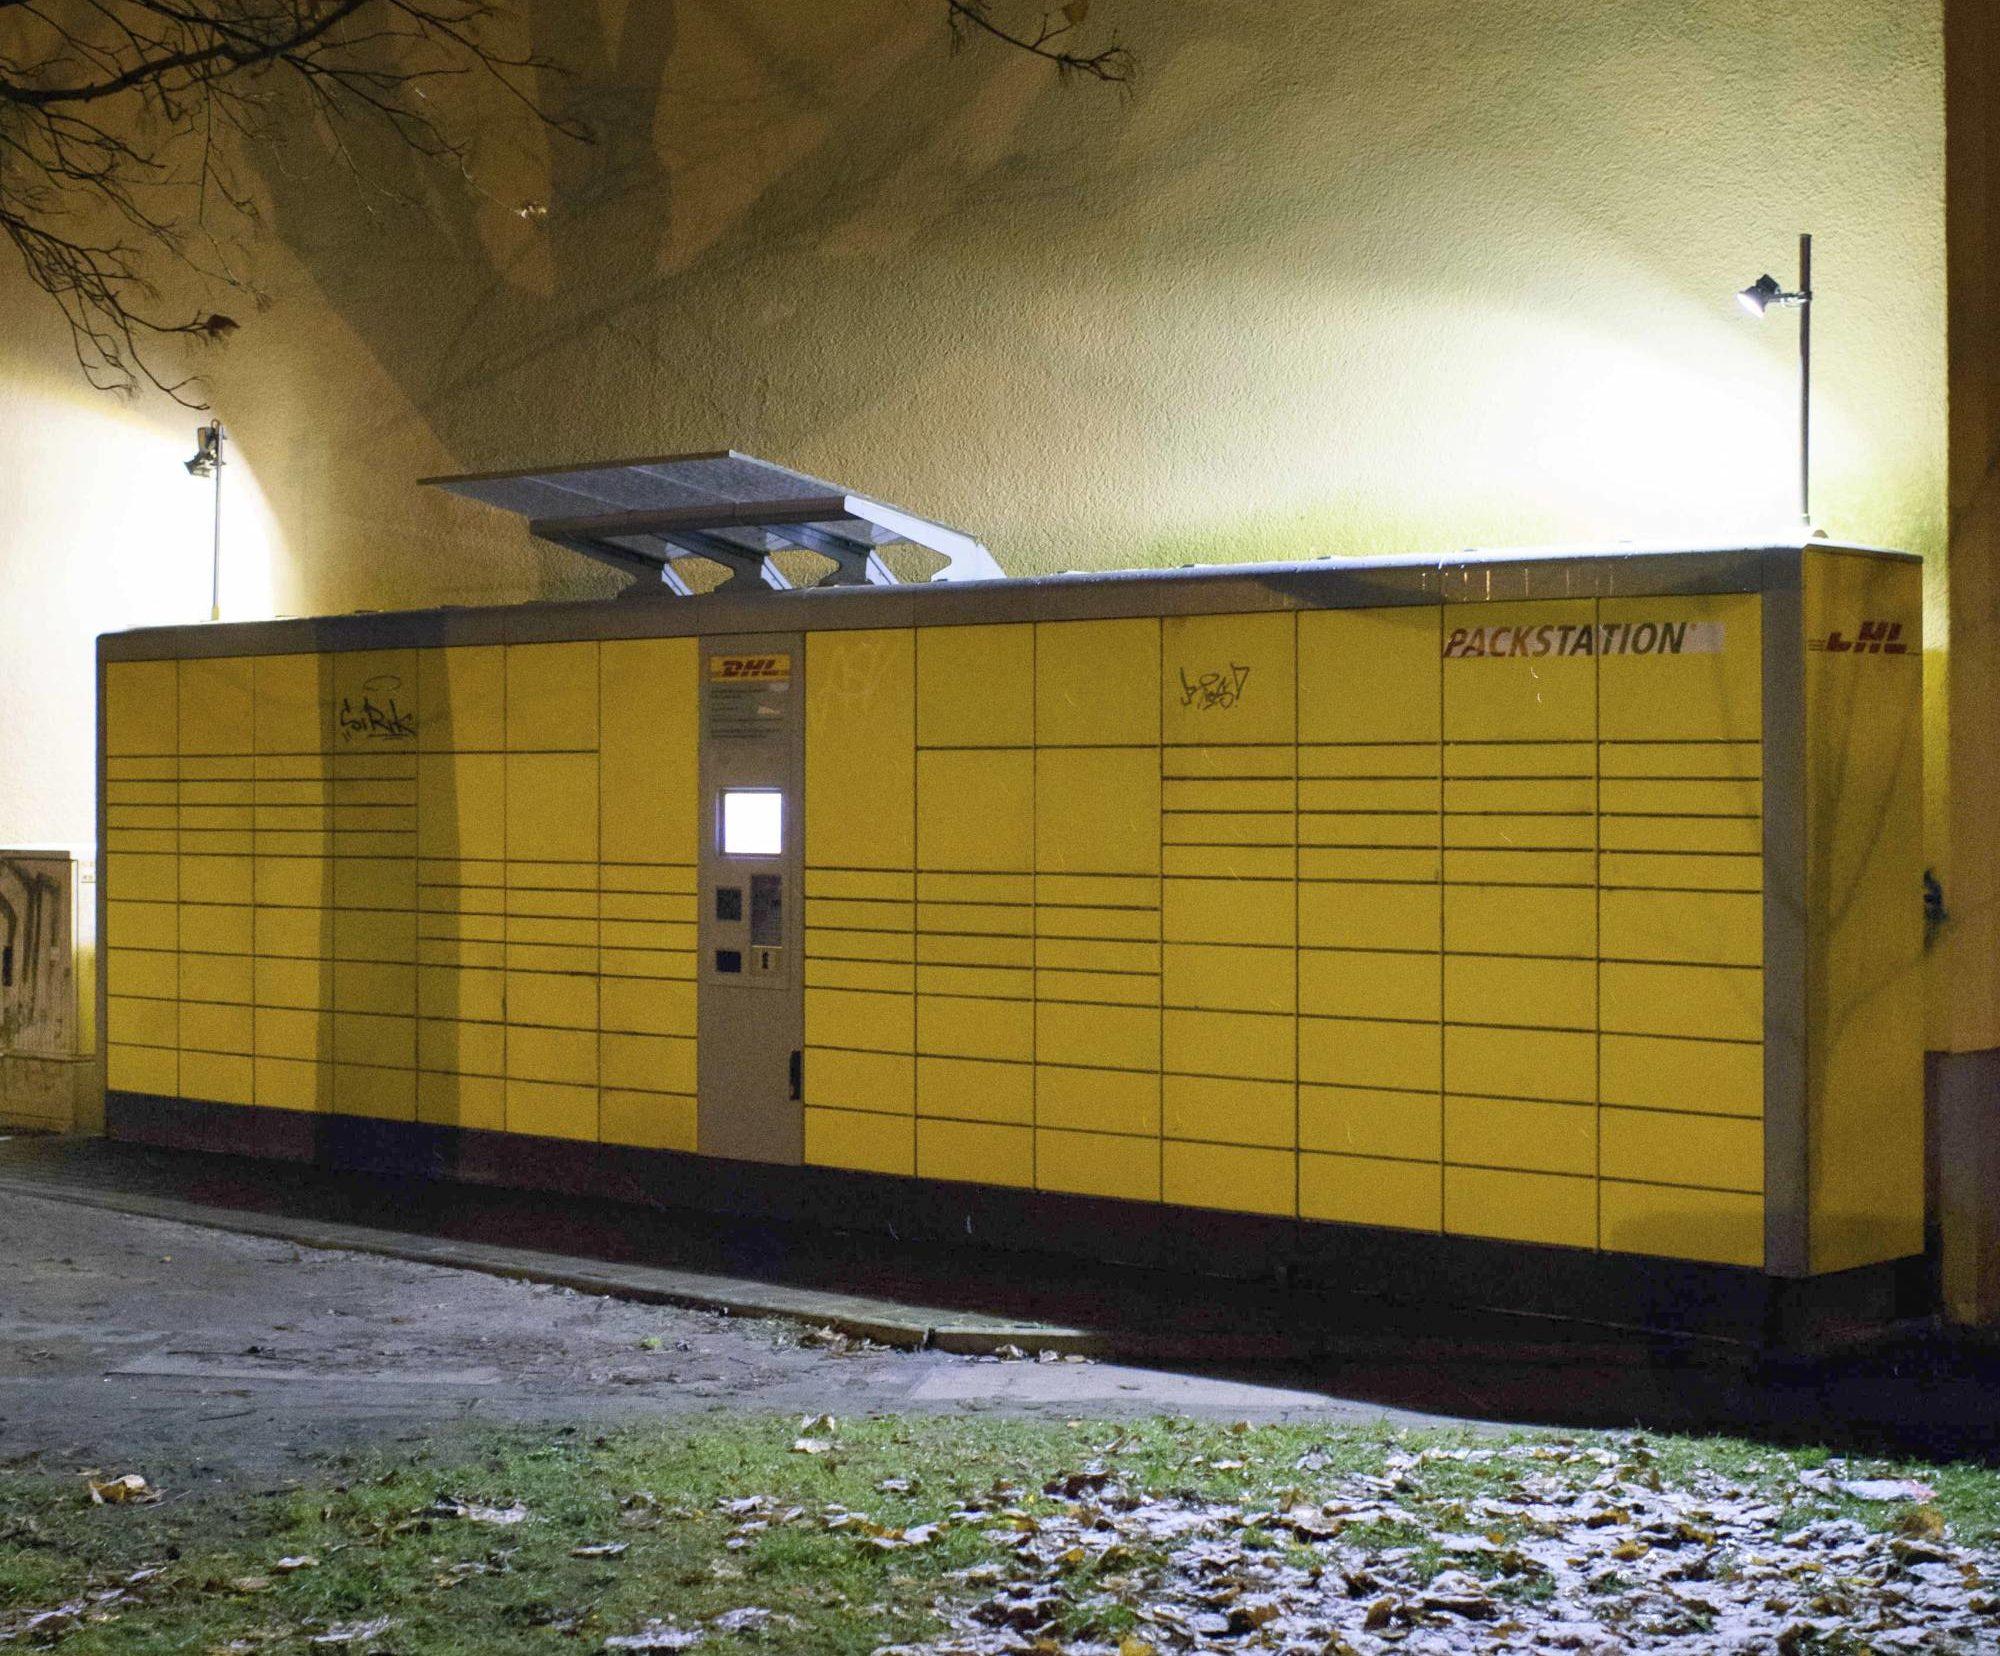 Germania investighează descoperirea unui plic suspect la Berlin, în cazul de șantaj legat de DHL